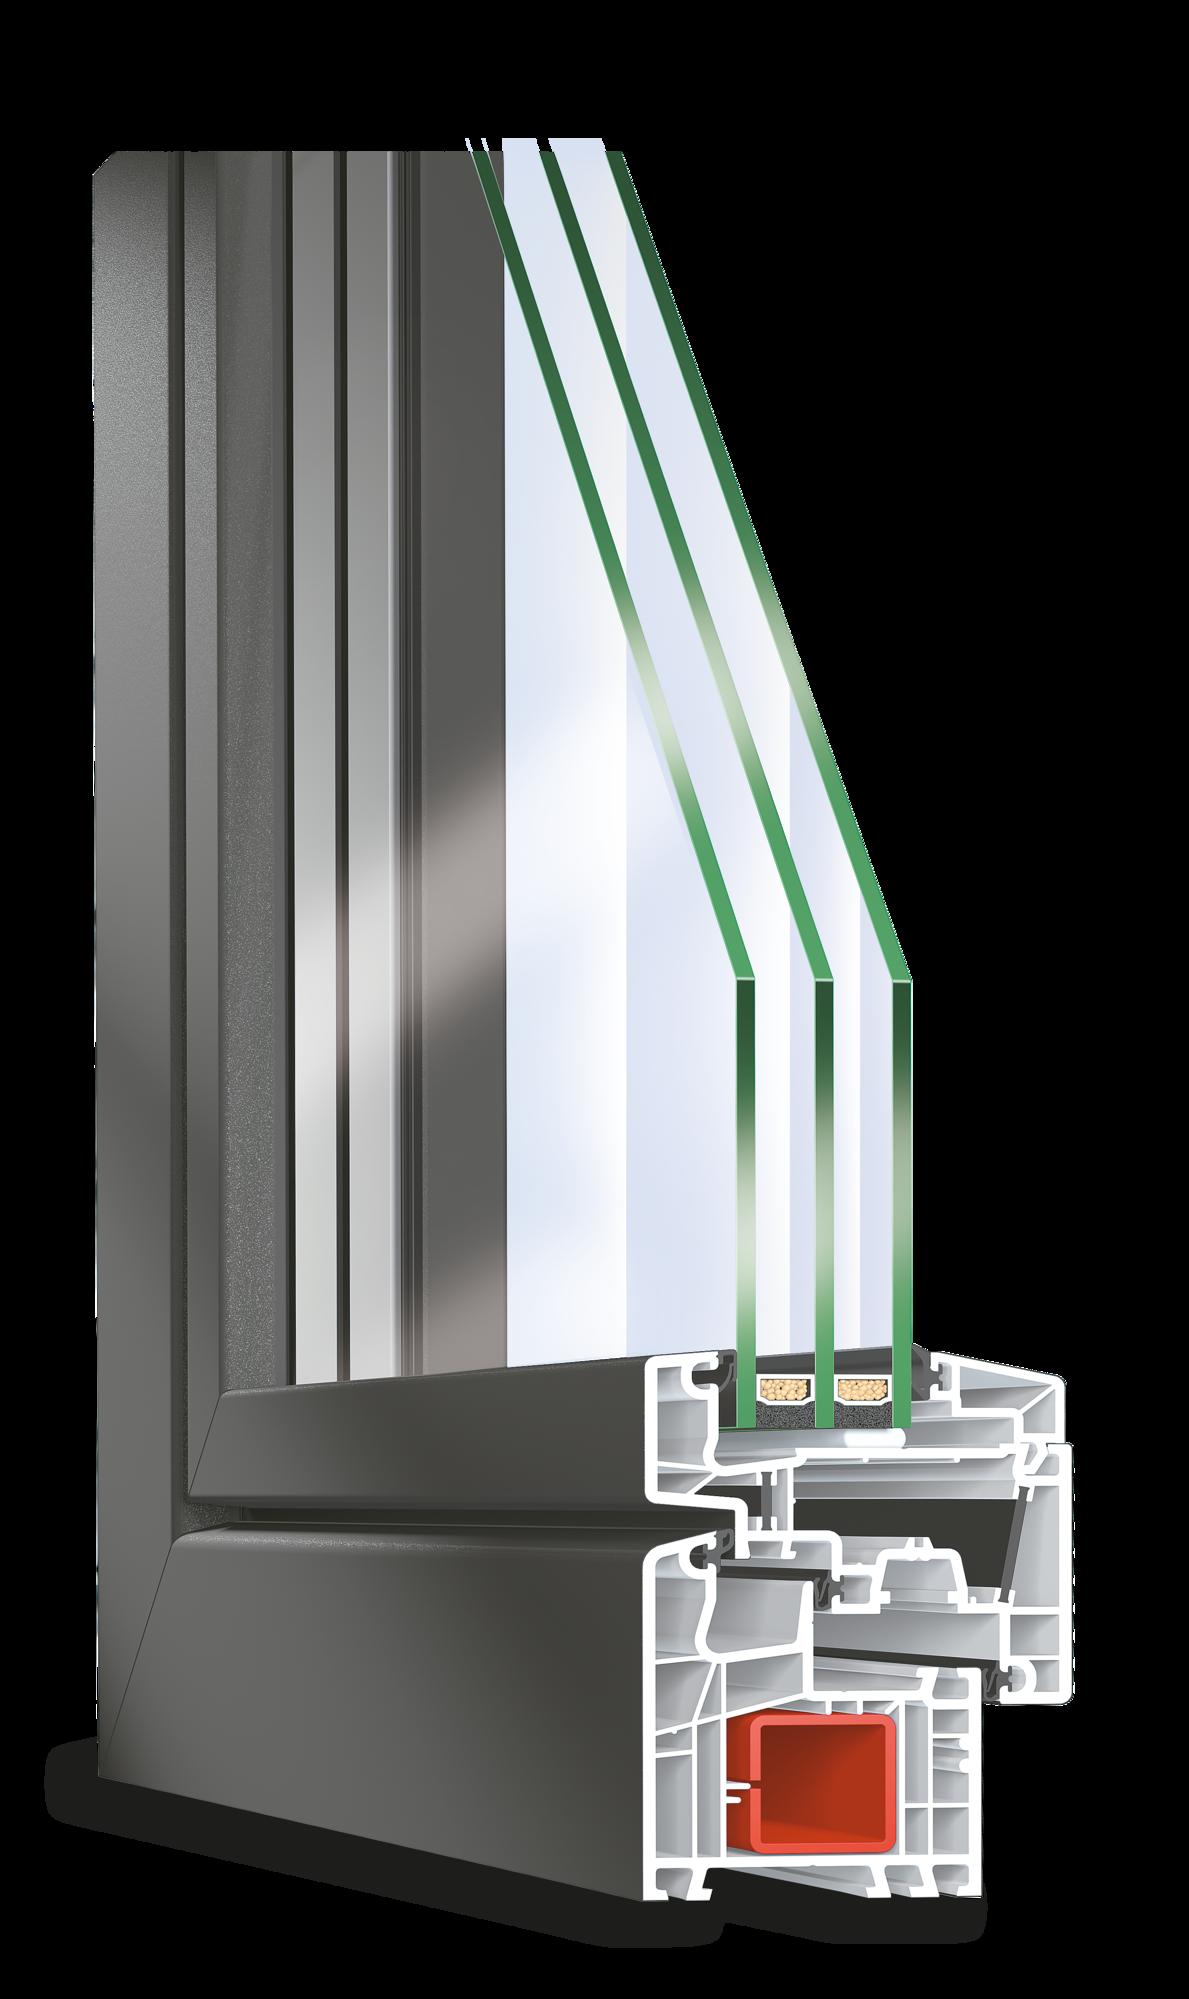 Full Size of Kunststoff Ideal Fensterbau Fenster Rollo Rc 2 Aron Weihnachtsbeleuchtung Braun Landhaus Nach Maß 120x120 Gebrauchte Kaufen Beleuchtung Sonnenschutz Fenster Kunststoff Fenster